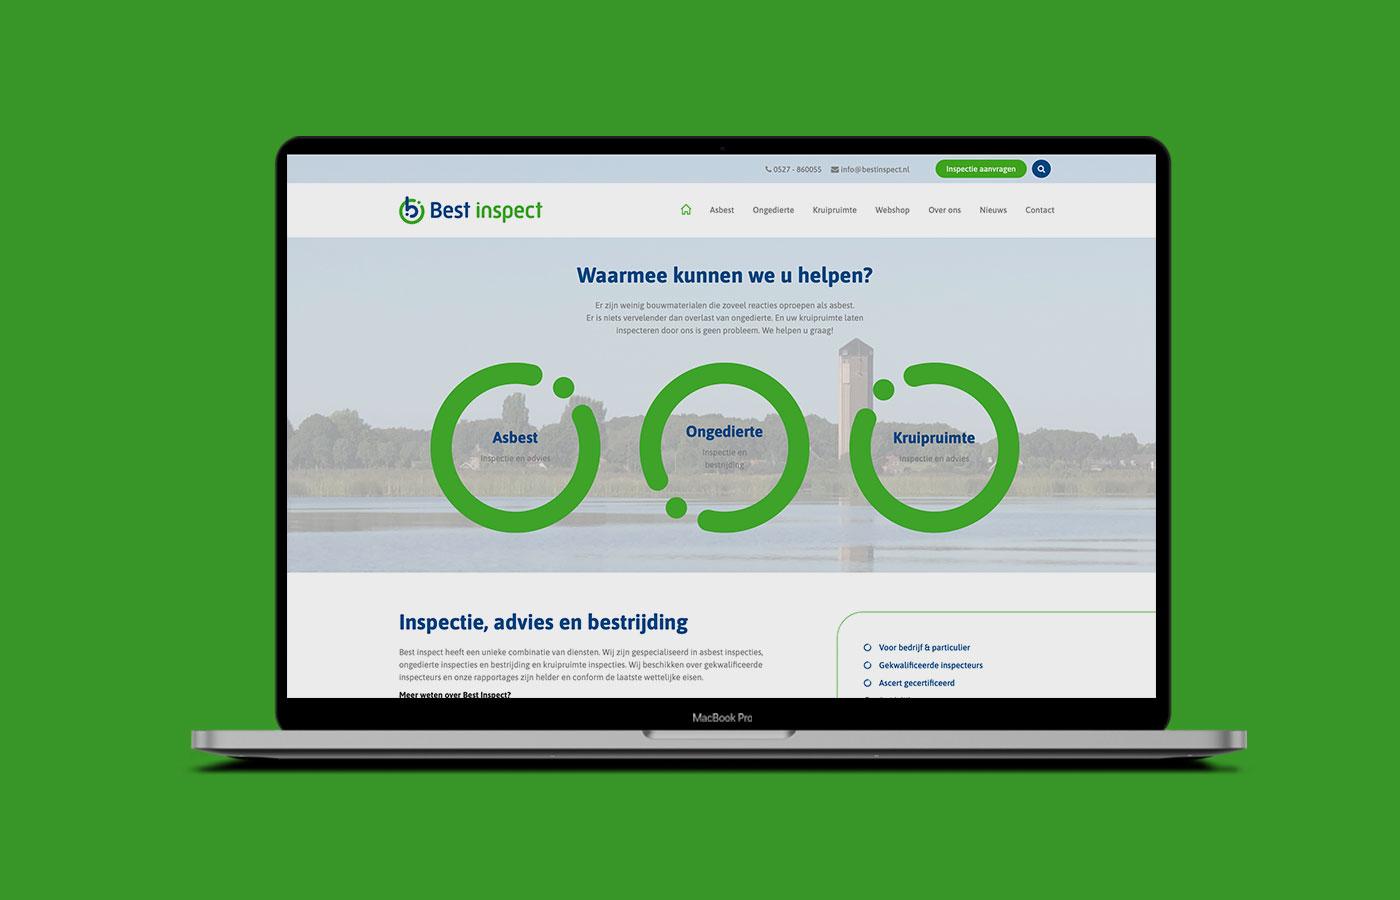 Best inspect website